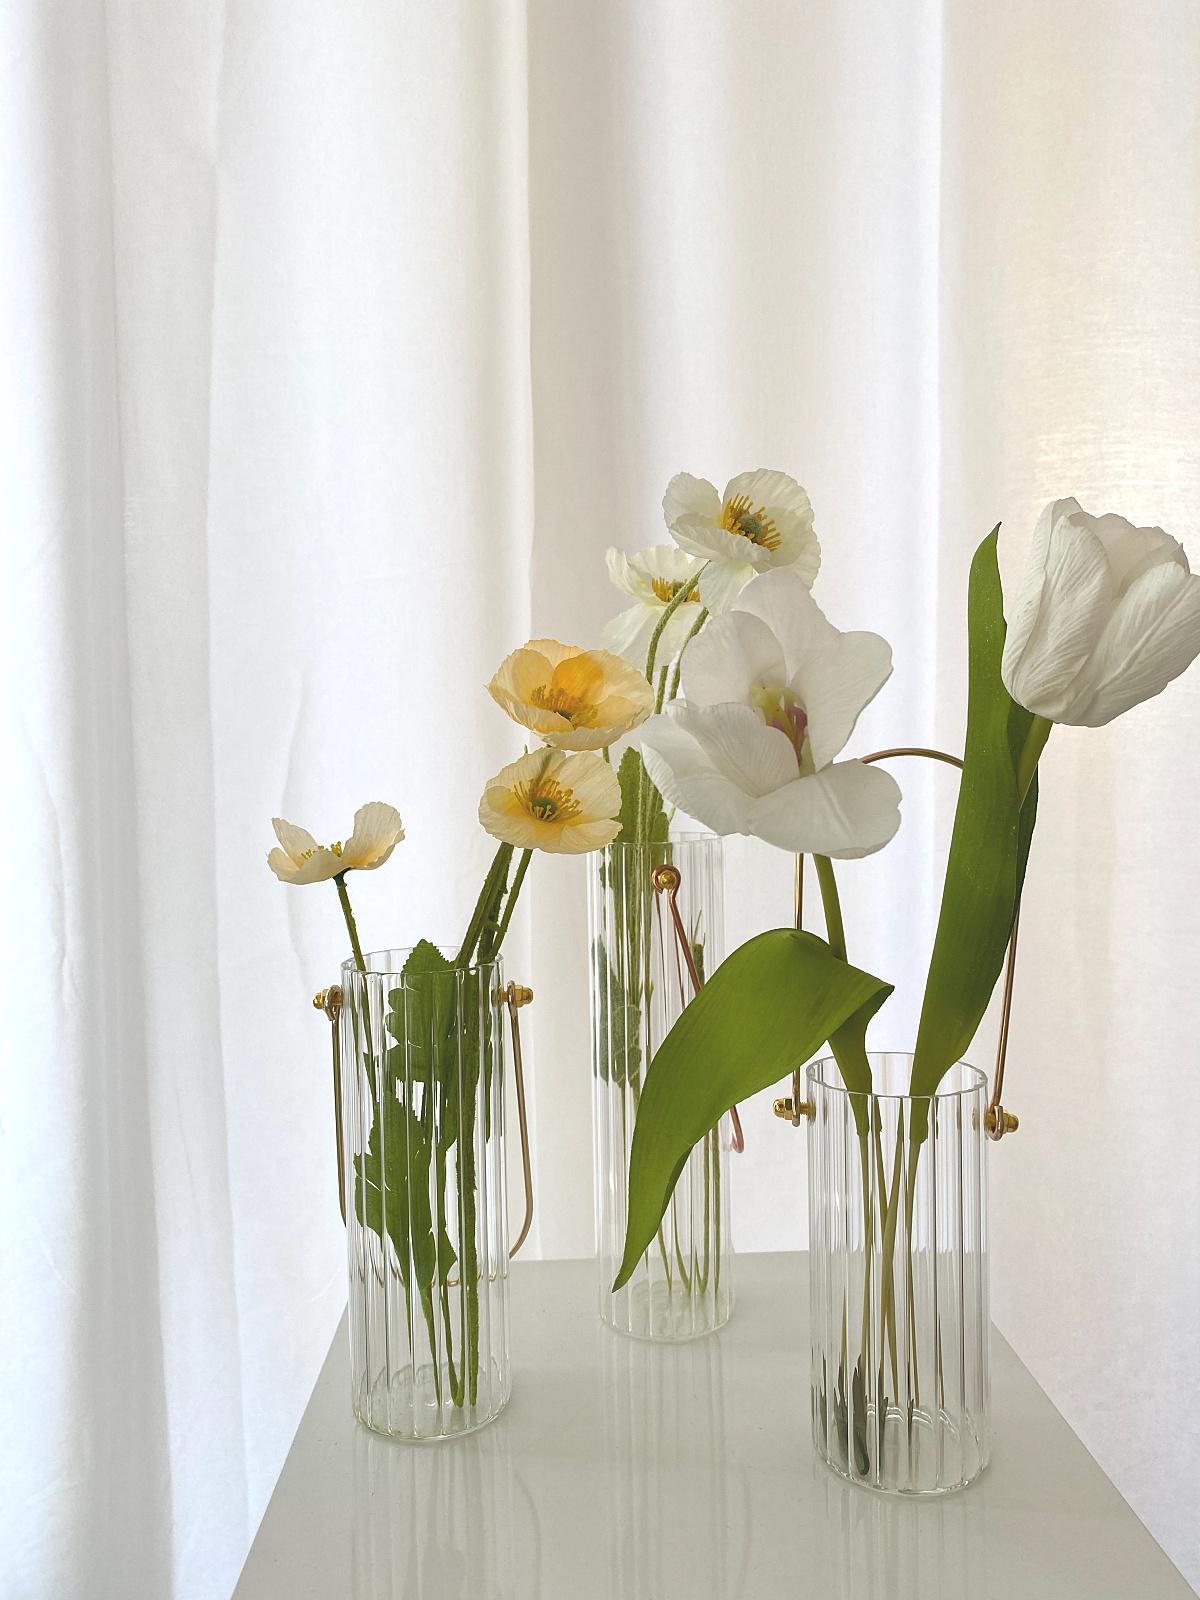 韩风插花摆件金属手提竖纹玻璃小花瓶轻奢现代家居软装样板房INS